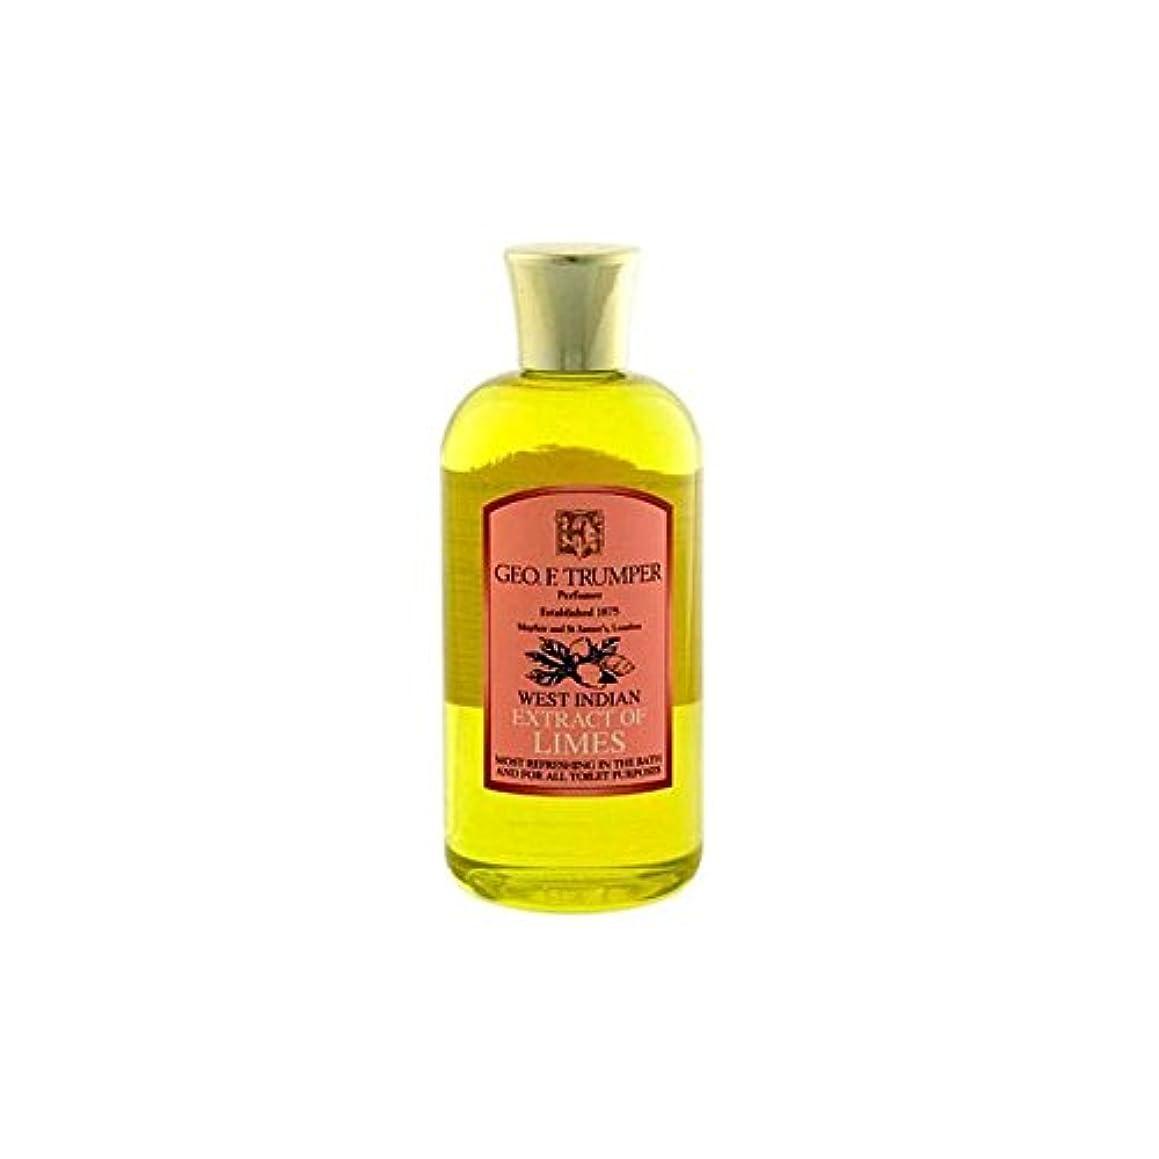 キャンディー織るウールTrumpers Extracts of Limes Bath and Shower Gel 200ml - ライムのバスタブとシャワージェル200の抽出物を [並行輸入品]